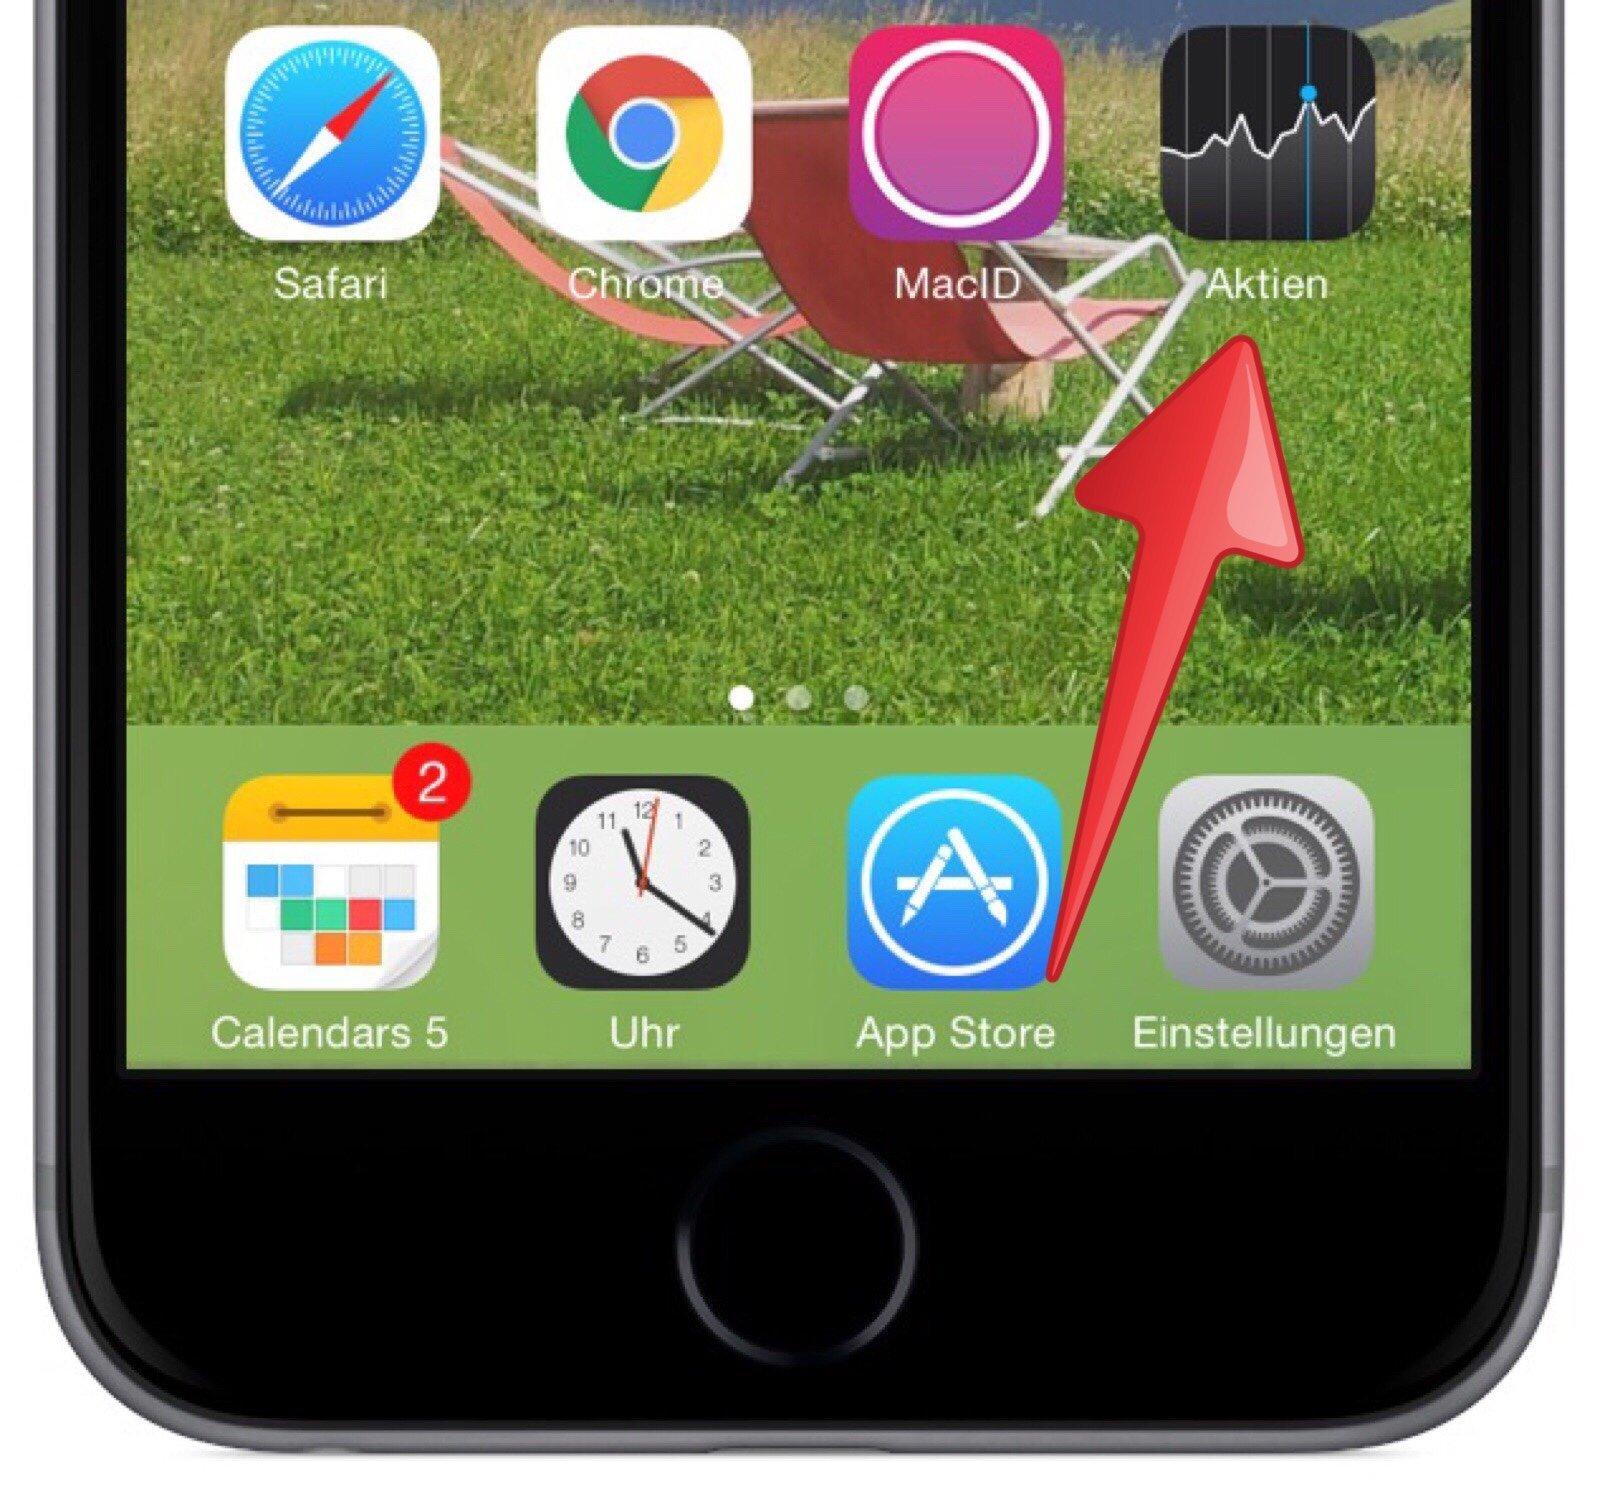 iPhone-Geldtausch-Aktien-App-Geldumtausch-Umtausch-tauschen-umrechnen-Währung-Währungskurs-1.jpg